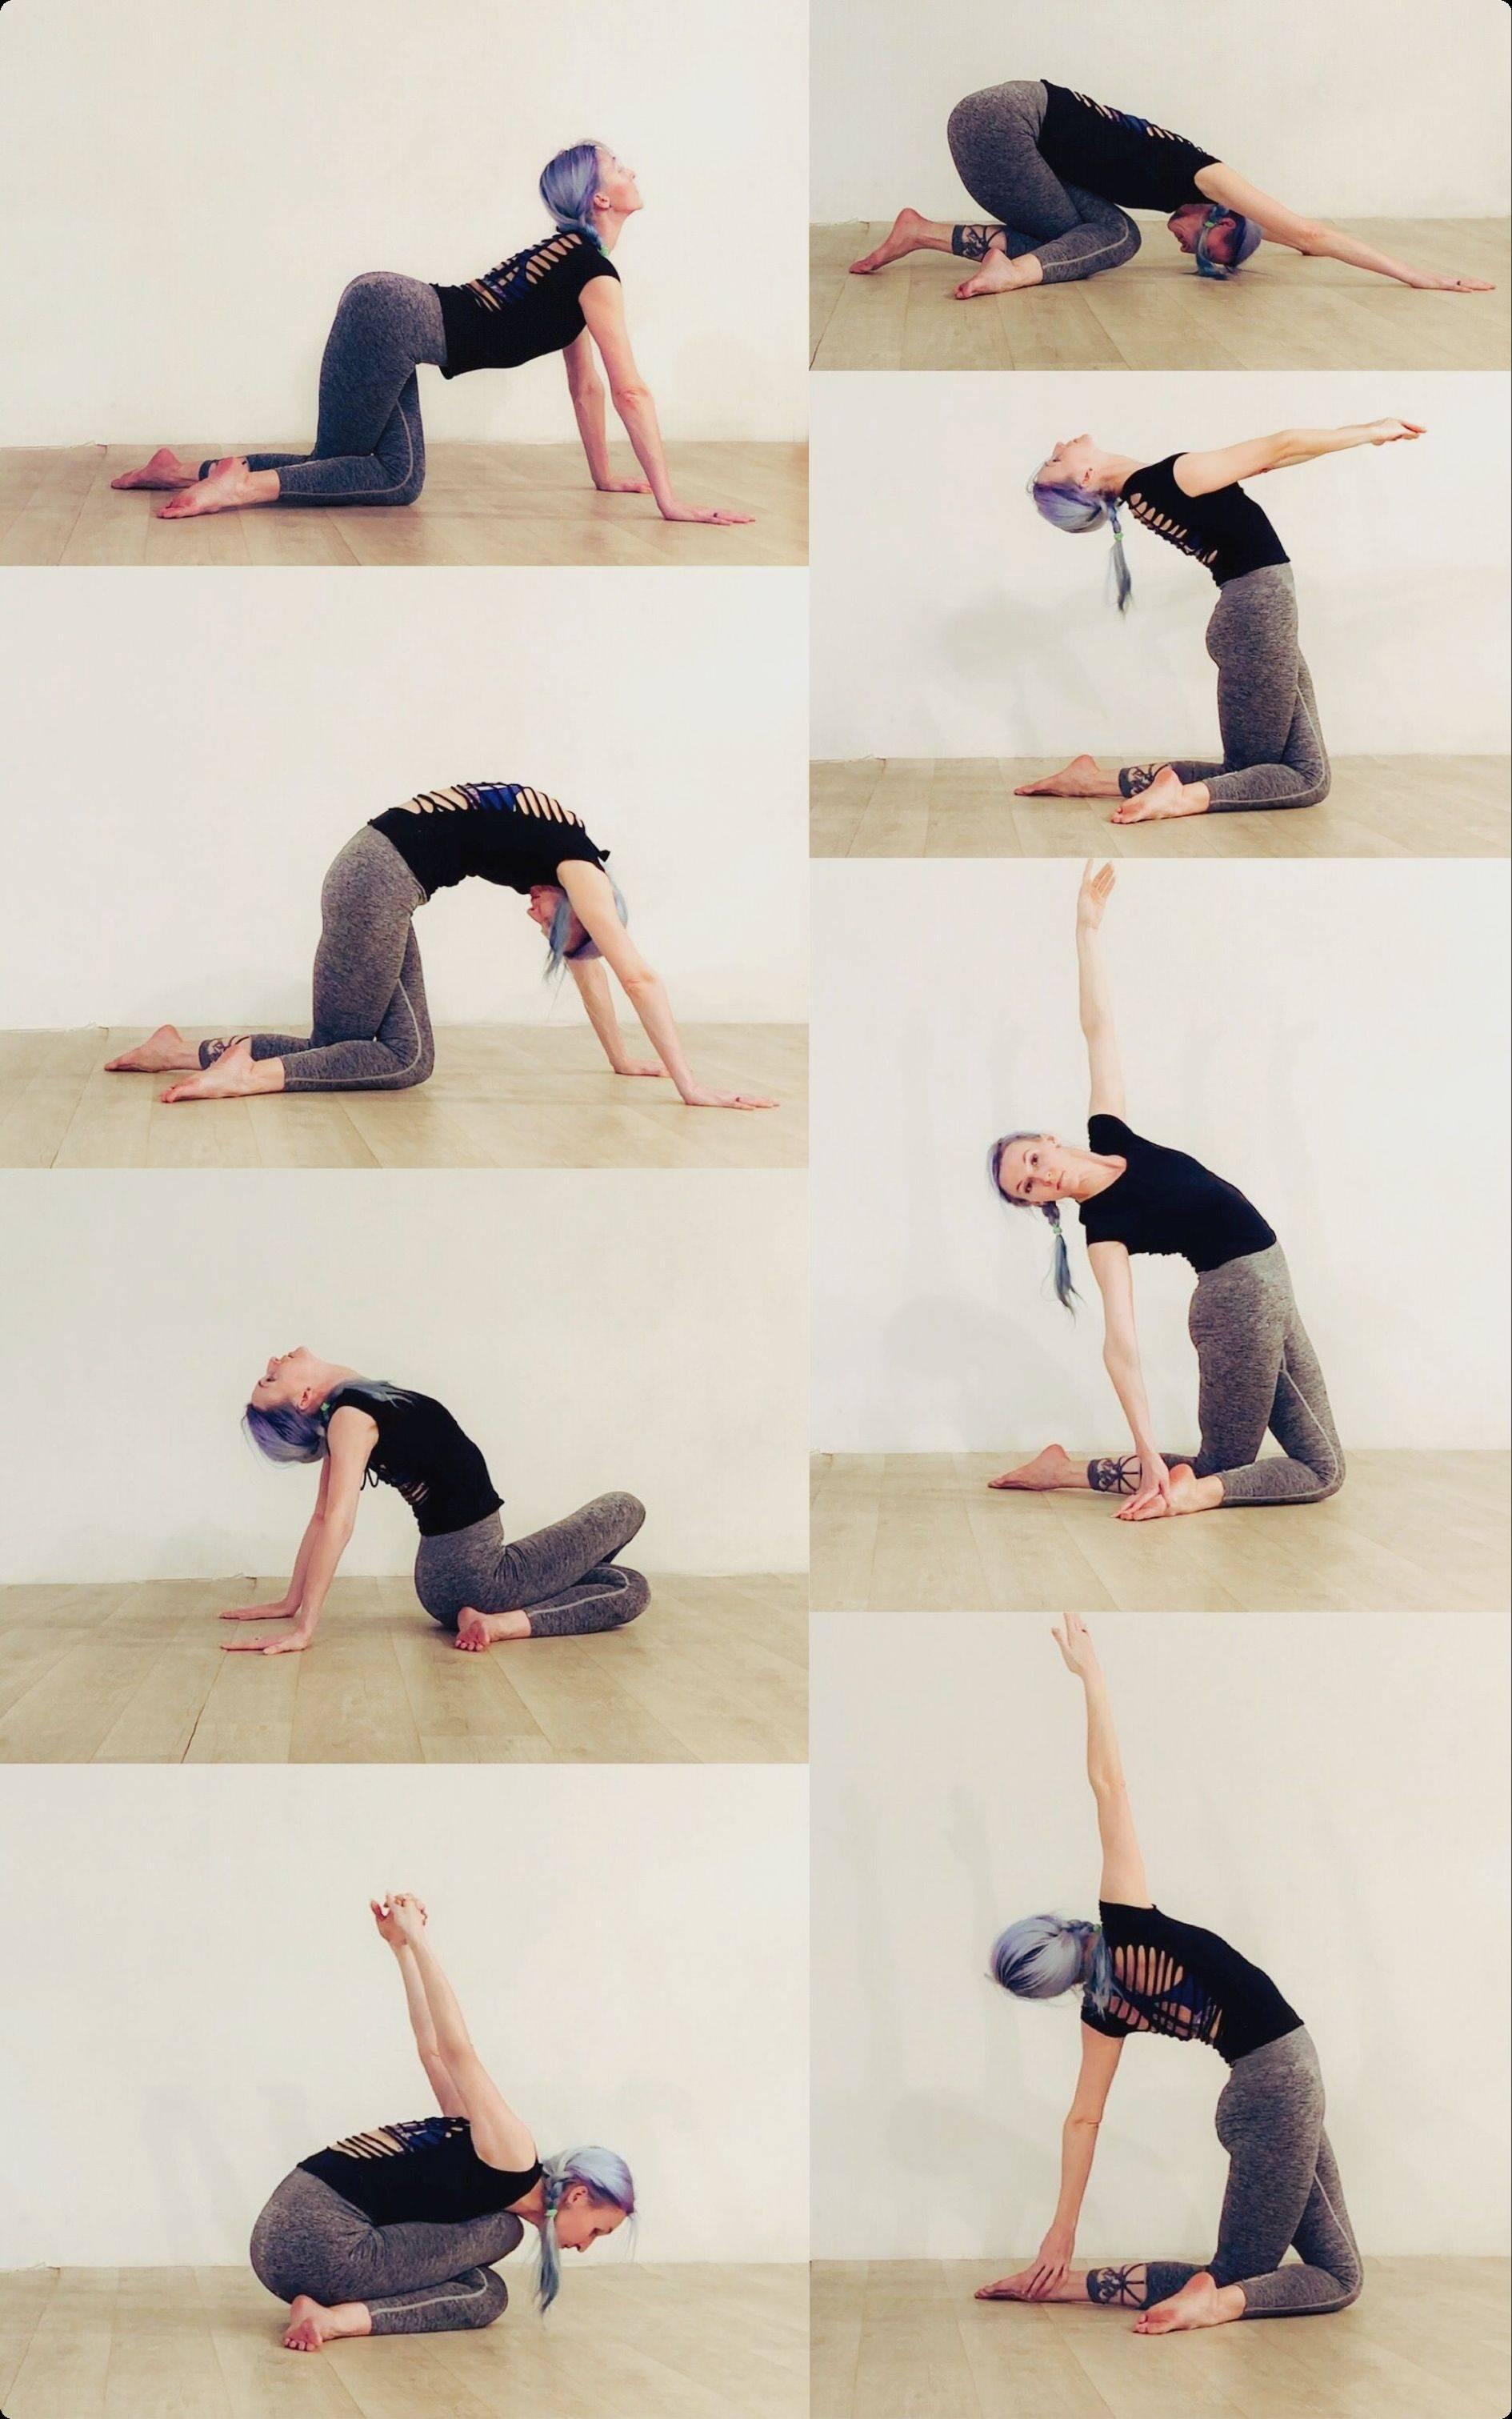 Совершенная поза в йоге сиддхасана. любимая асана мудрецов и йогинов